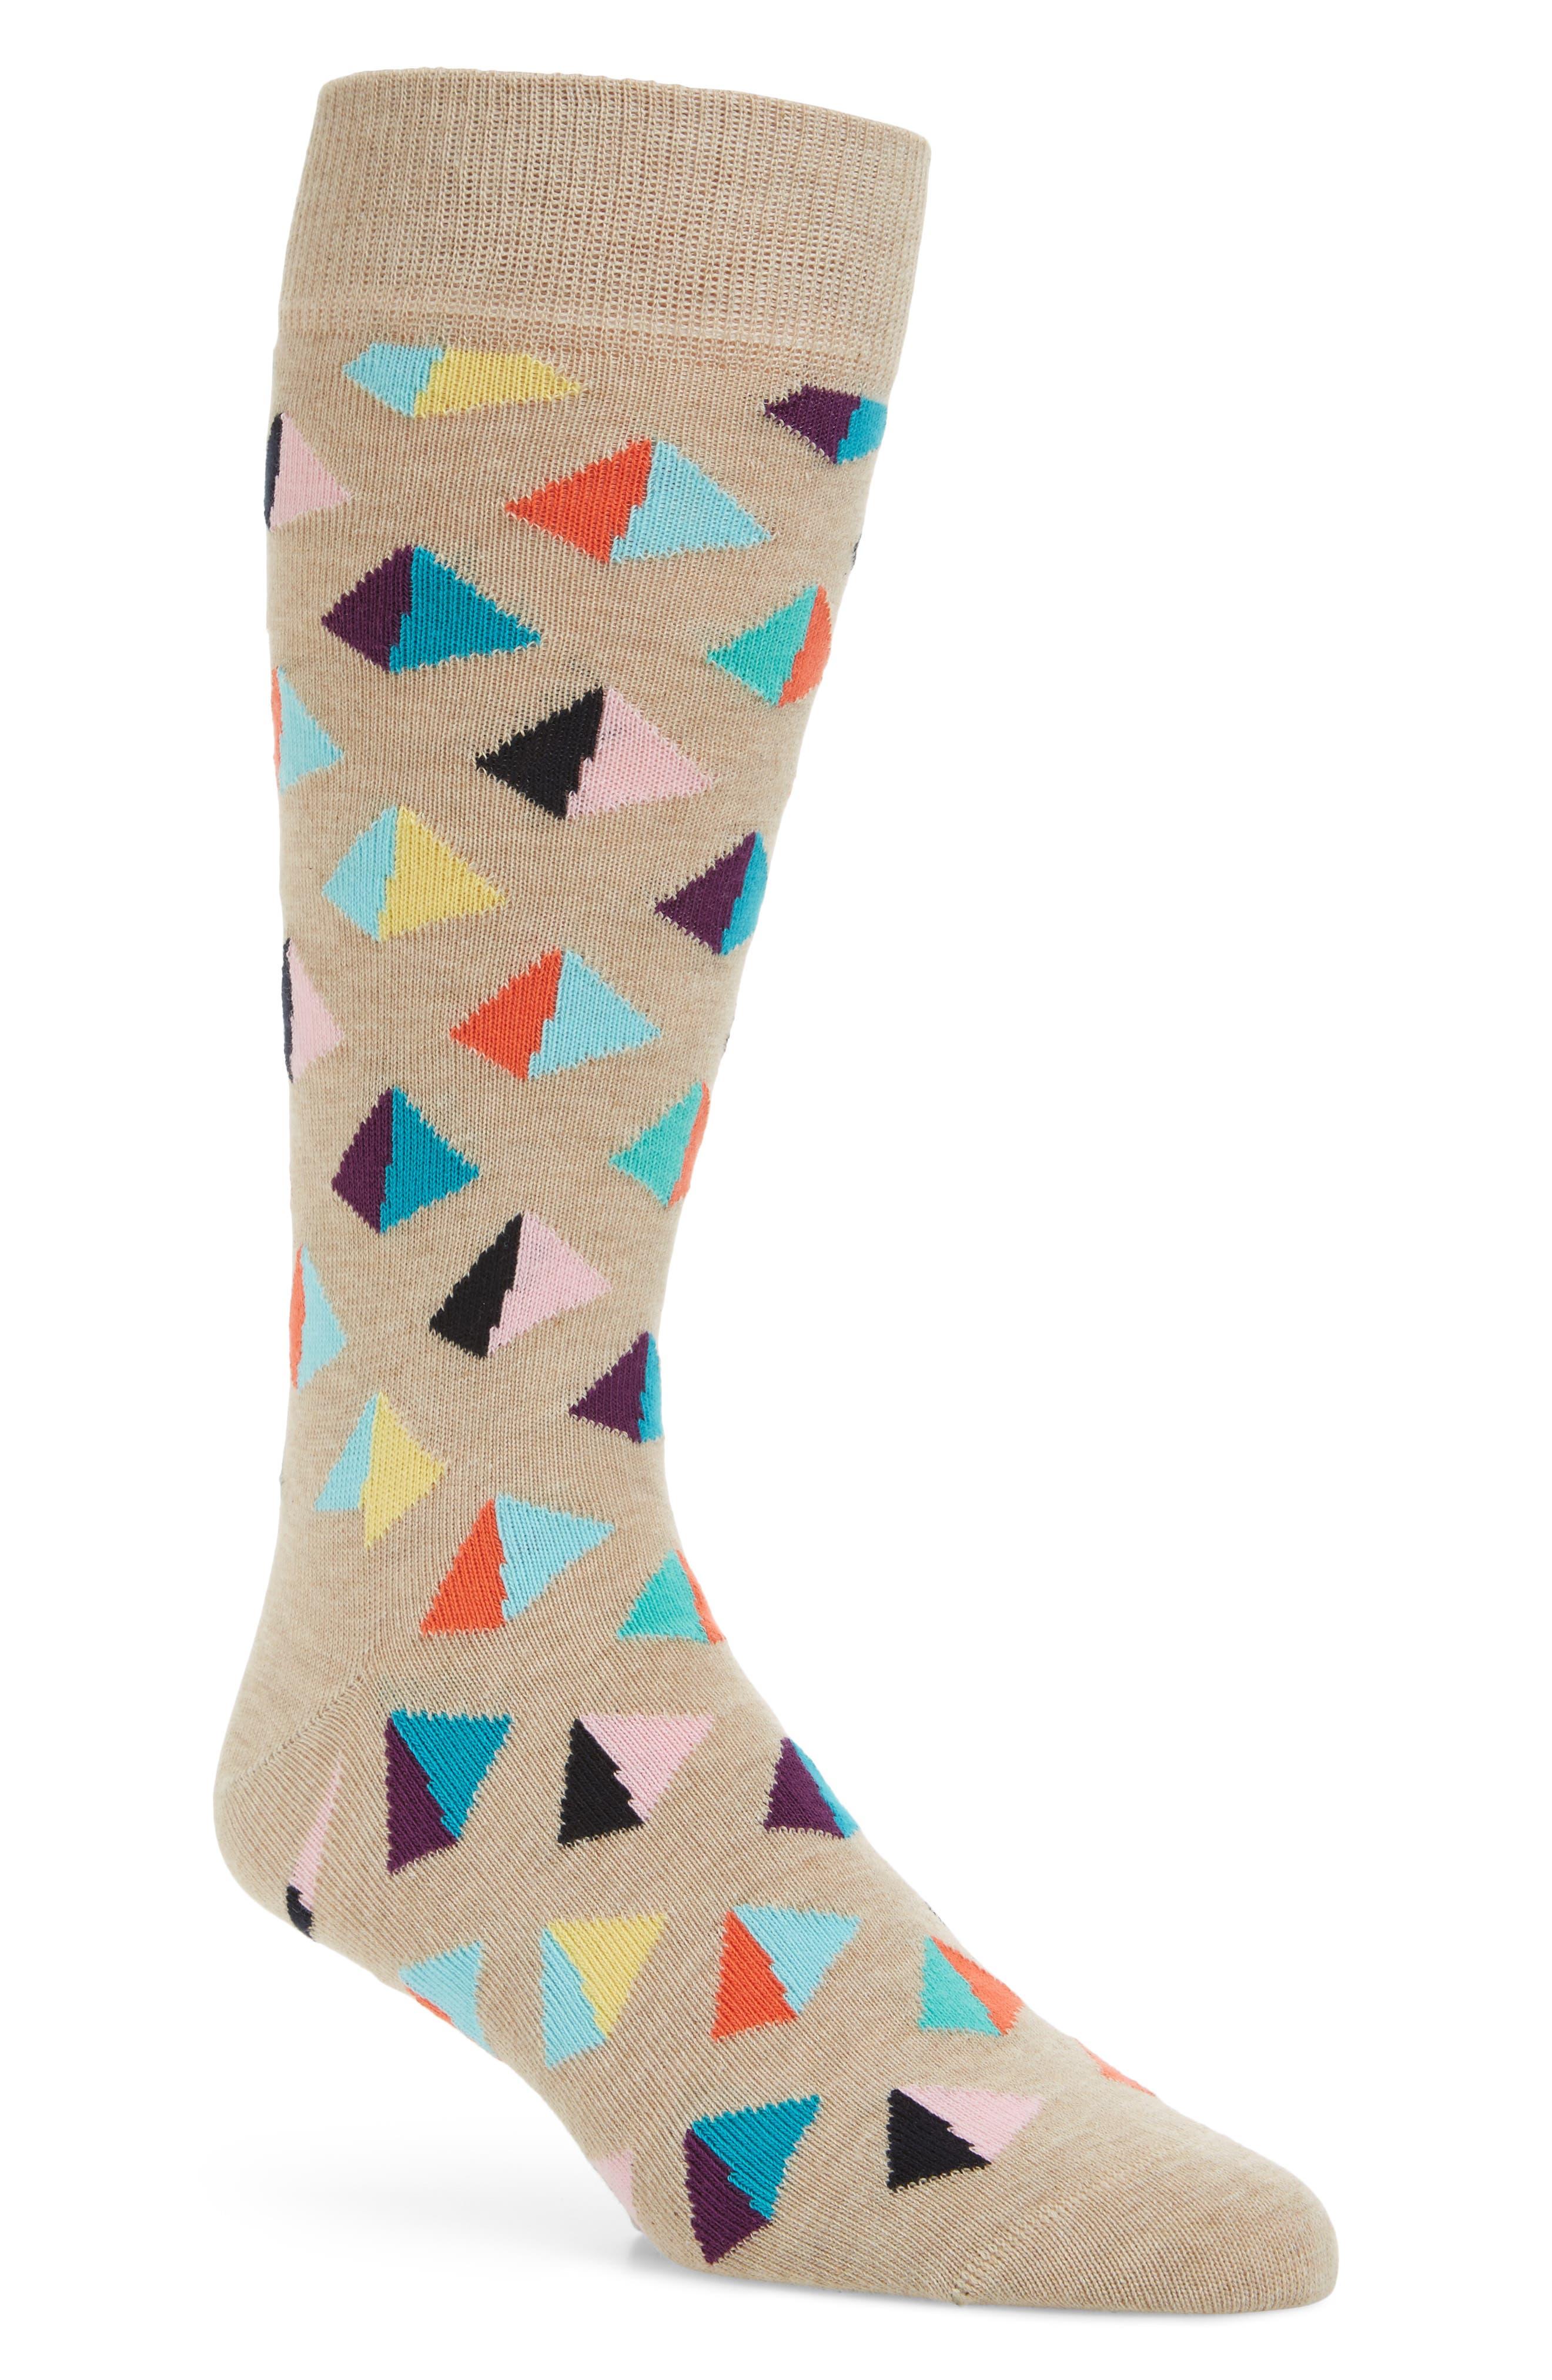 Pyramid Crew Socks,                             Main thumbnail 1, color,                             275